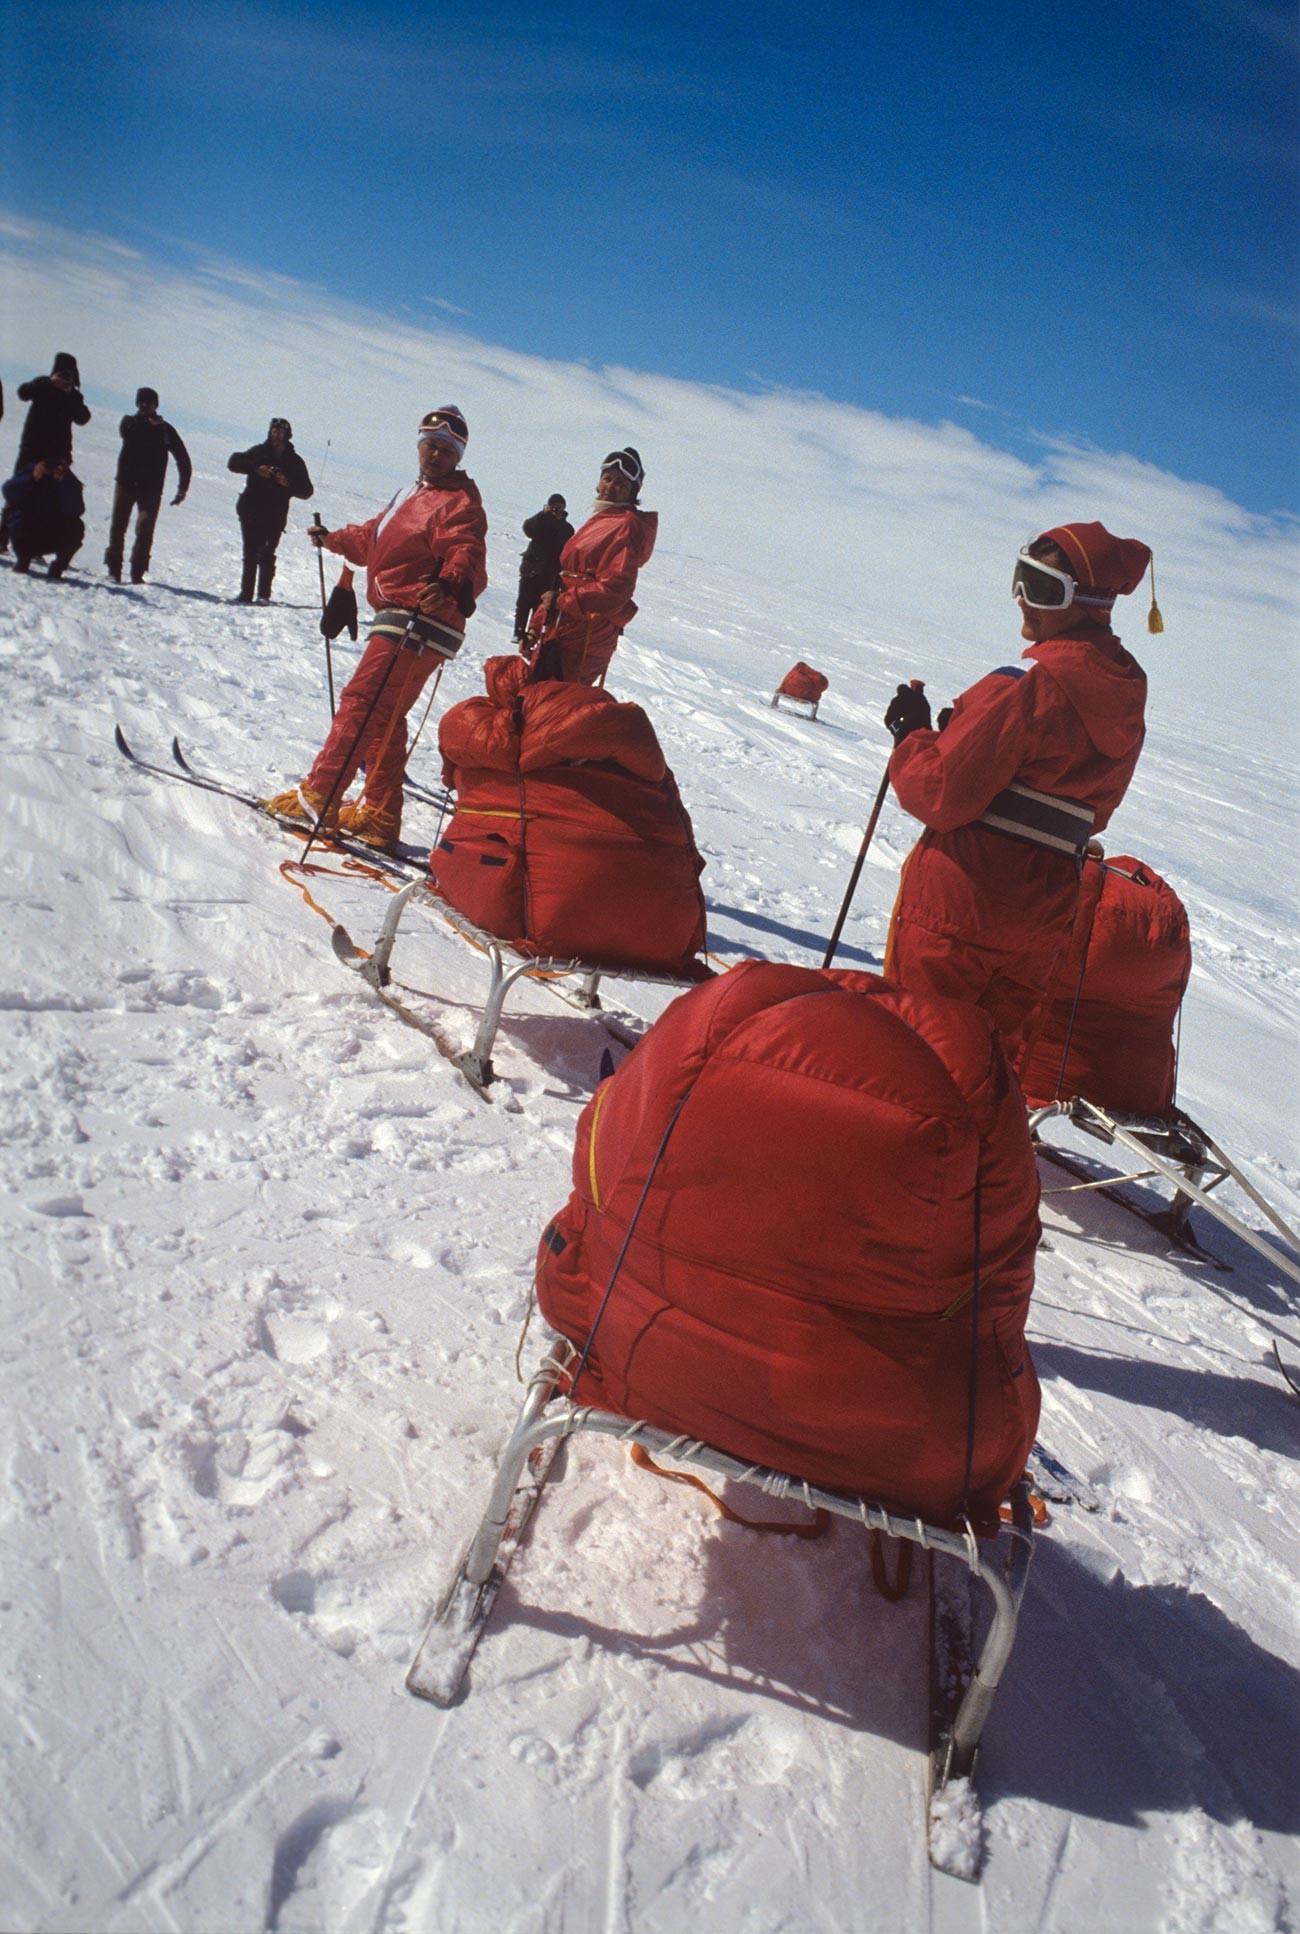 Des membres de l'équipe Metelitsa pendant la transition de la station de Mirny à la base antarctique Vostok, 1988